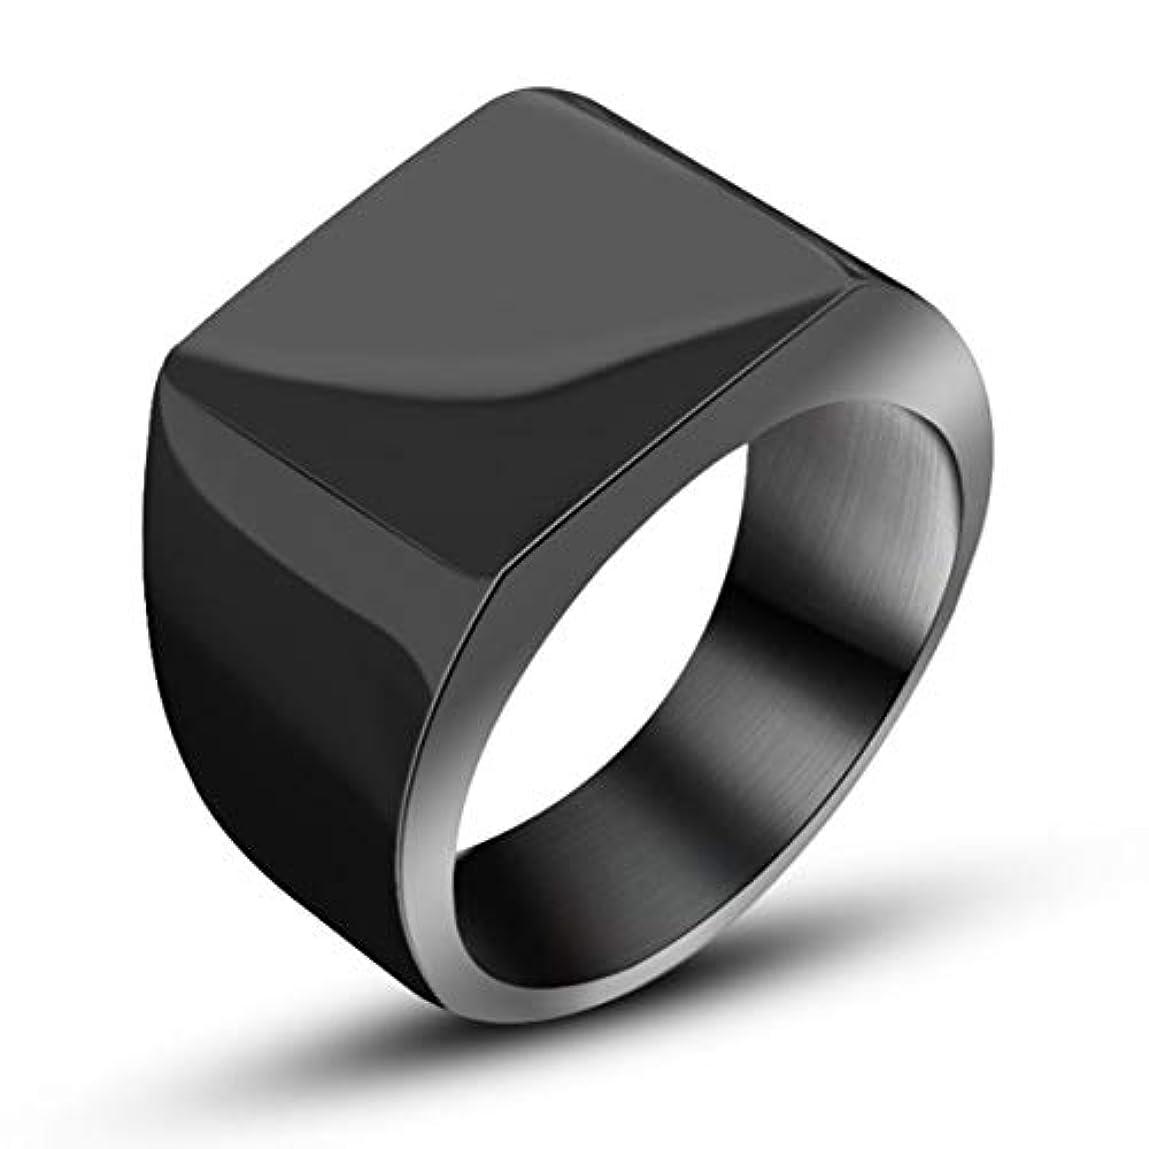 運動海賊ラジウム寛大なファッションシンプルでワイドフェイスリングチタンリングハンサムメンズリングワイドサーフェスリングメンズ-ブラック#12